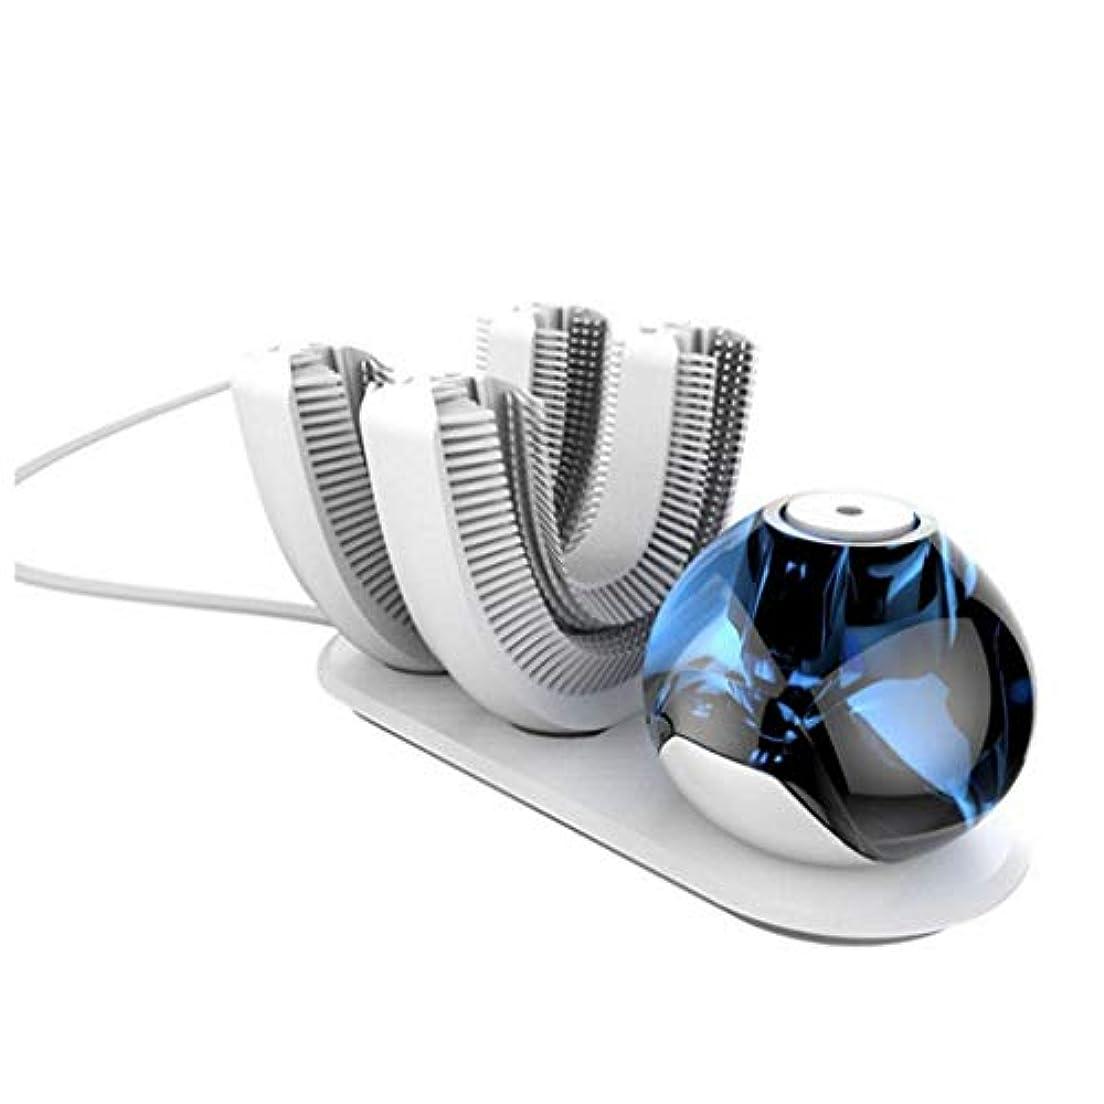 刺繍旅行鉛HETAO クリエイティブ自動歯ブラシ、怠惰な、自動歯ブラシ電動歯ブラシワイヤレス充電式360°、歯ブラシヘッドのうちの2つは、白歯ブラシの歯に設計されています 白